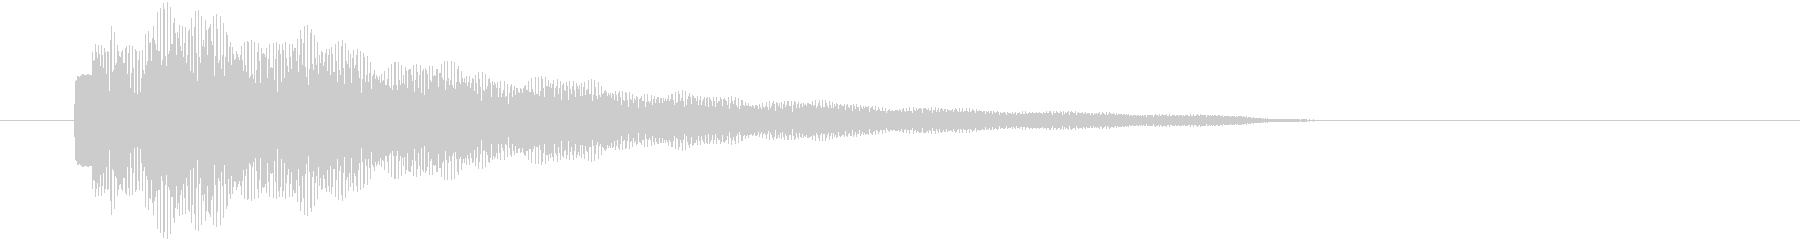 ピカピカに輝く印象の明るい光系電子音の未再生の波形